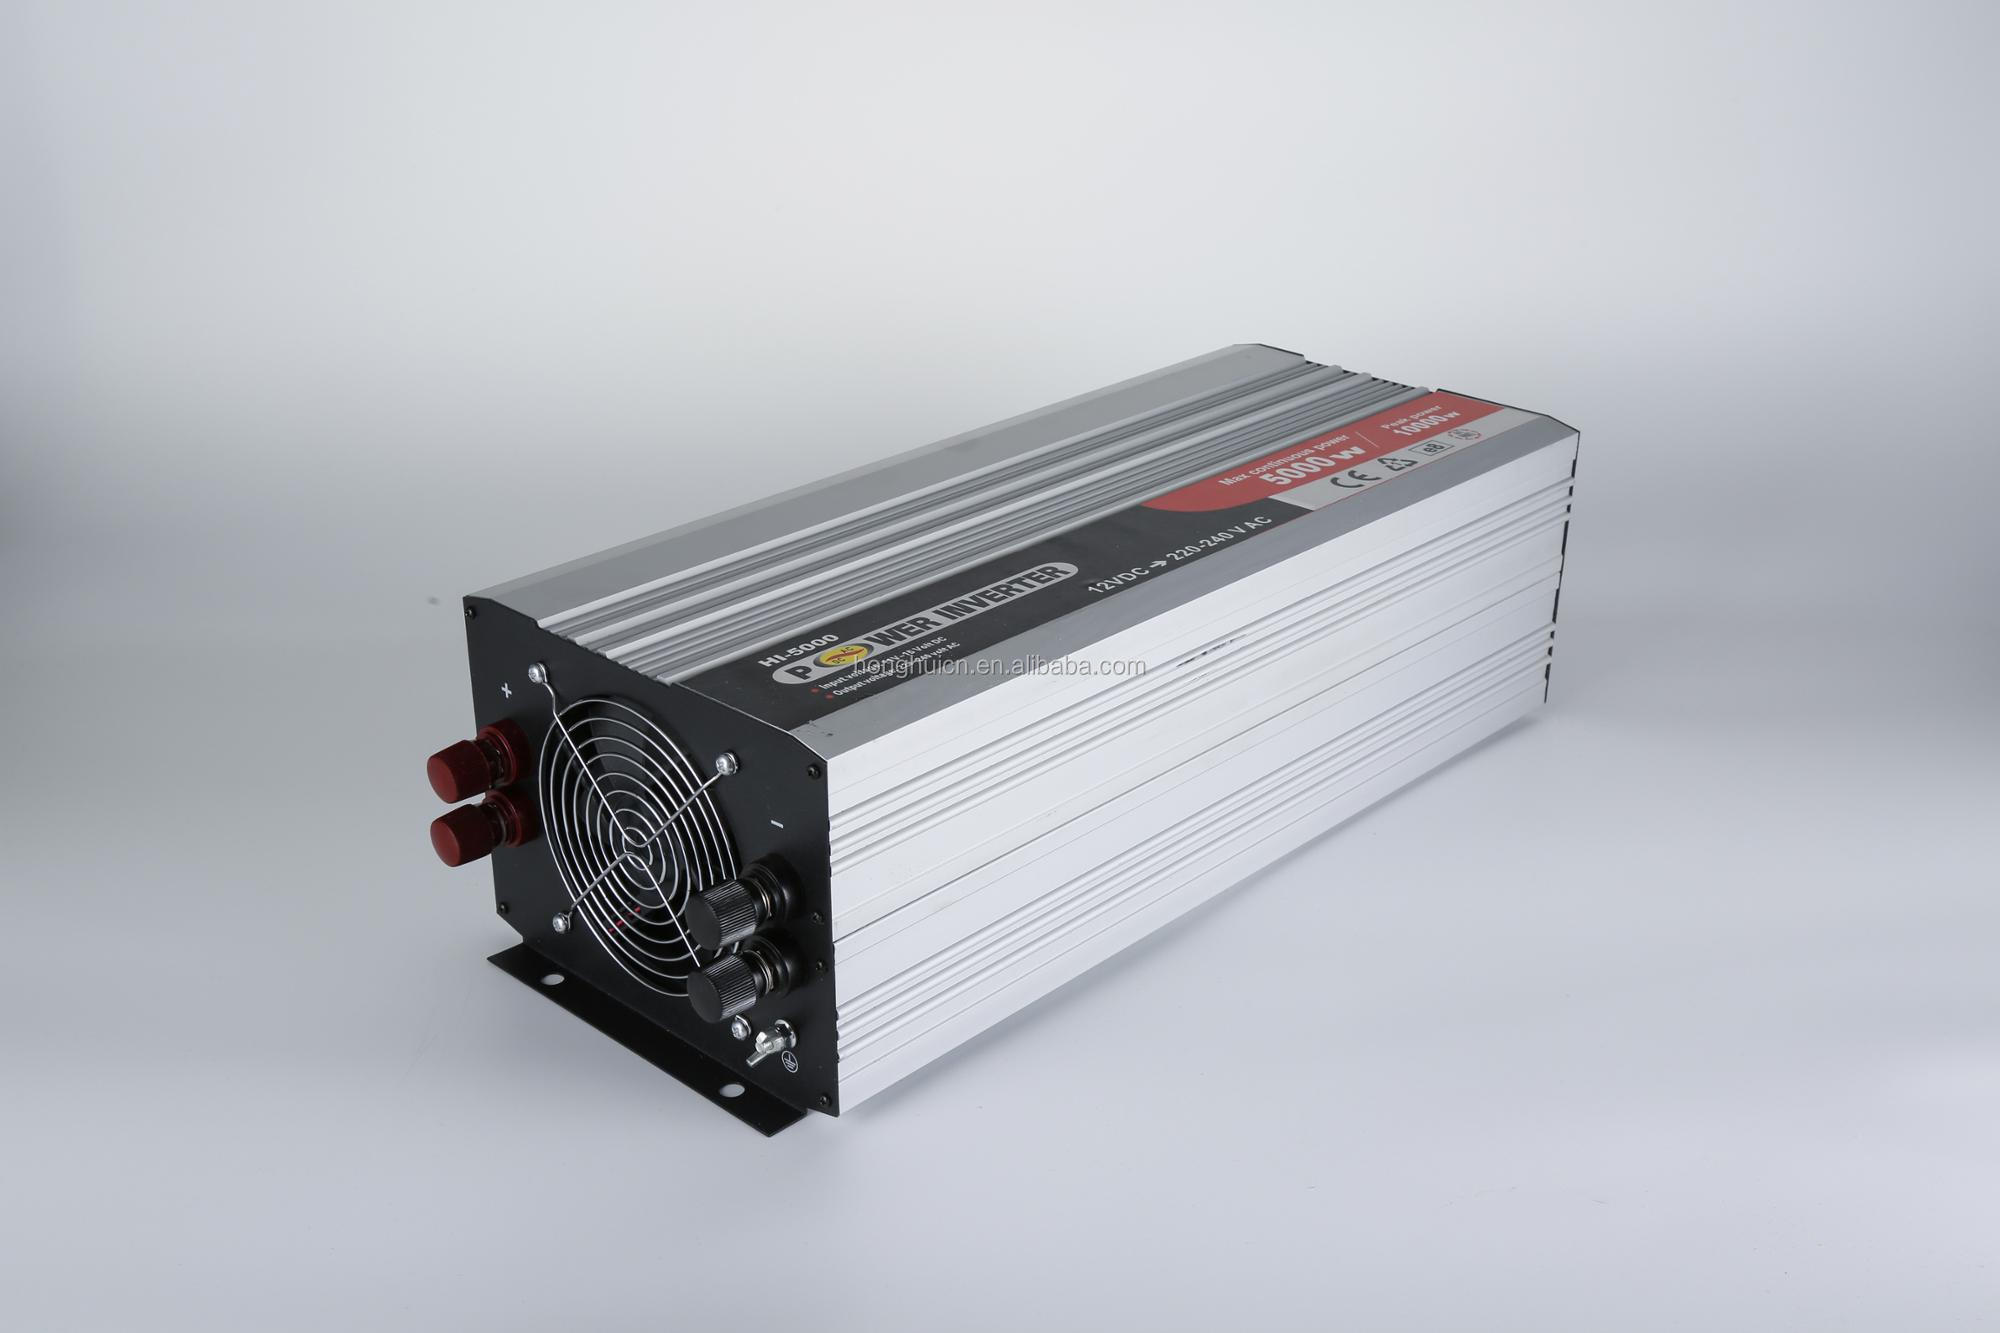 inverter 12v 220v 5000w circuit diagram dc ac inverter buy 5000w rh alibaba com